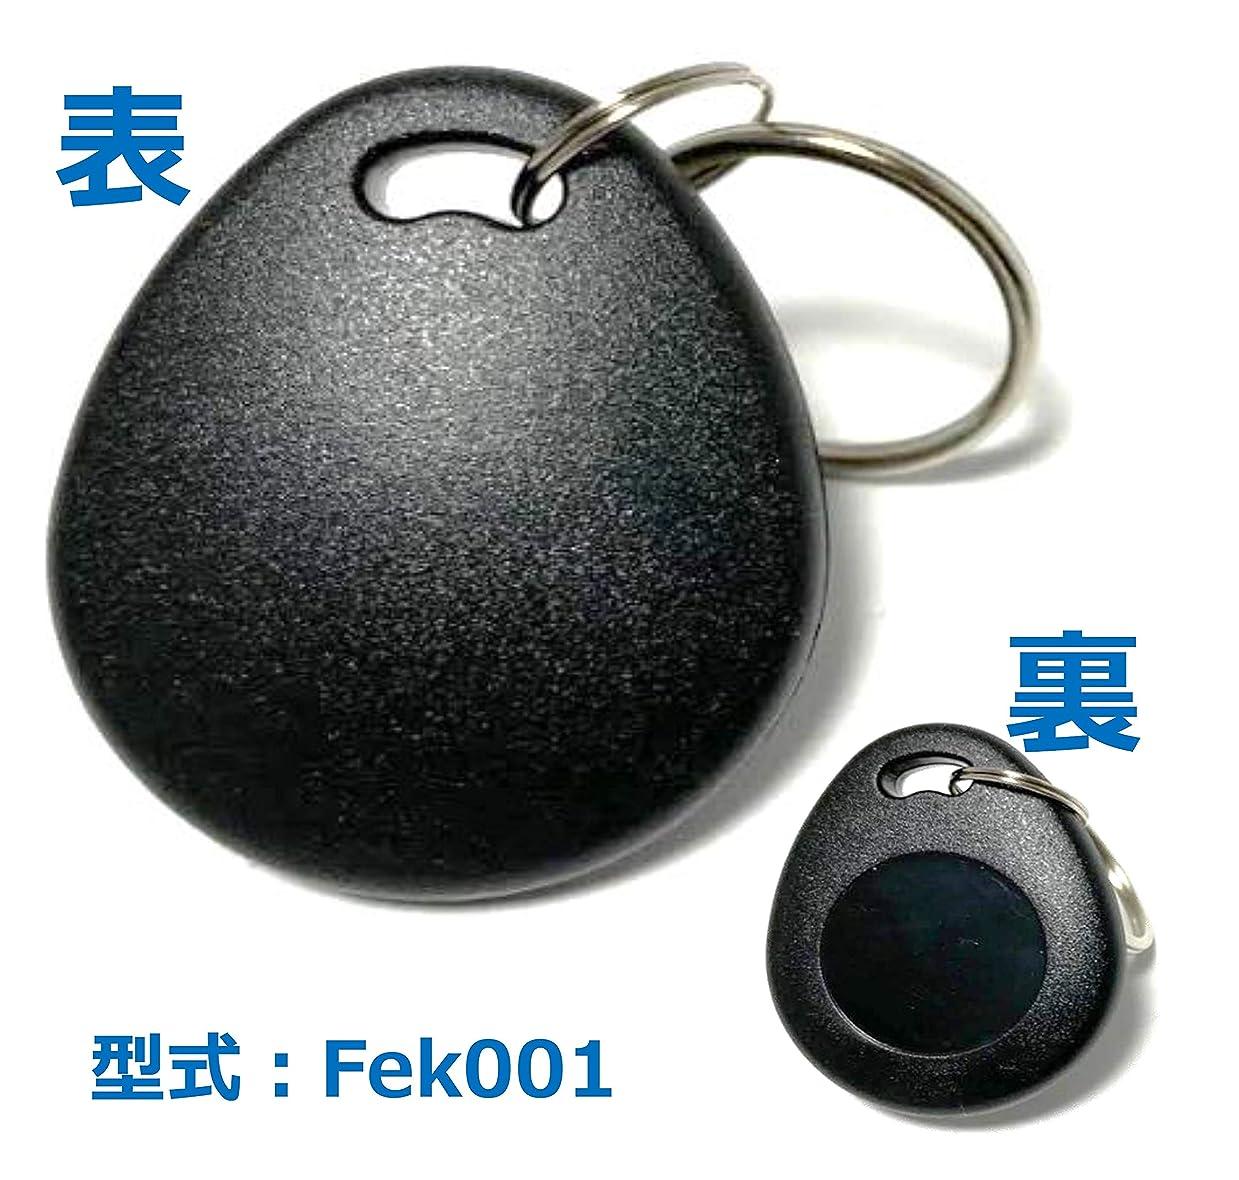 静める小屋マチュピチュ【10個】フェリカ ICキーホルダー Fek001 IP66:防水 業務/e-TAX用 FeliCa Lite-S